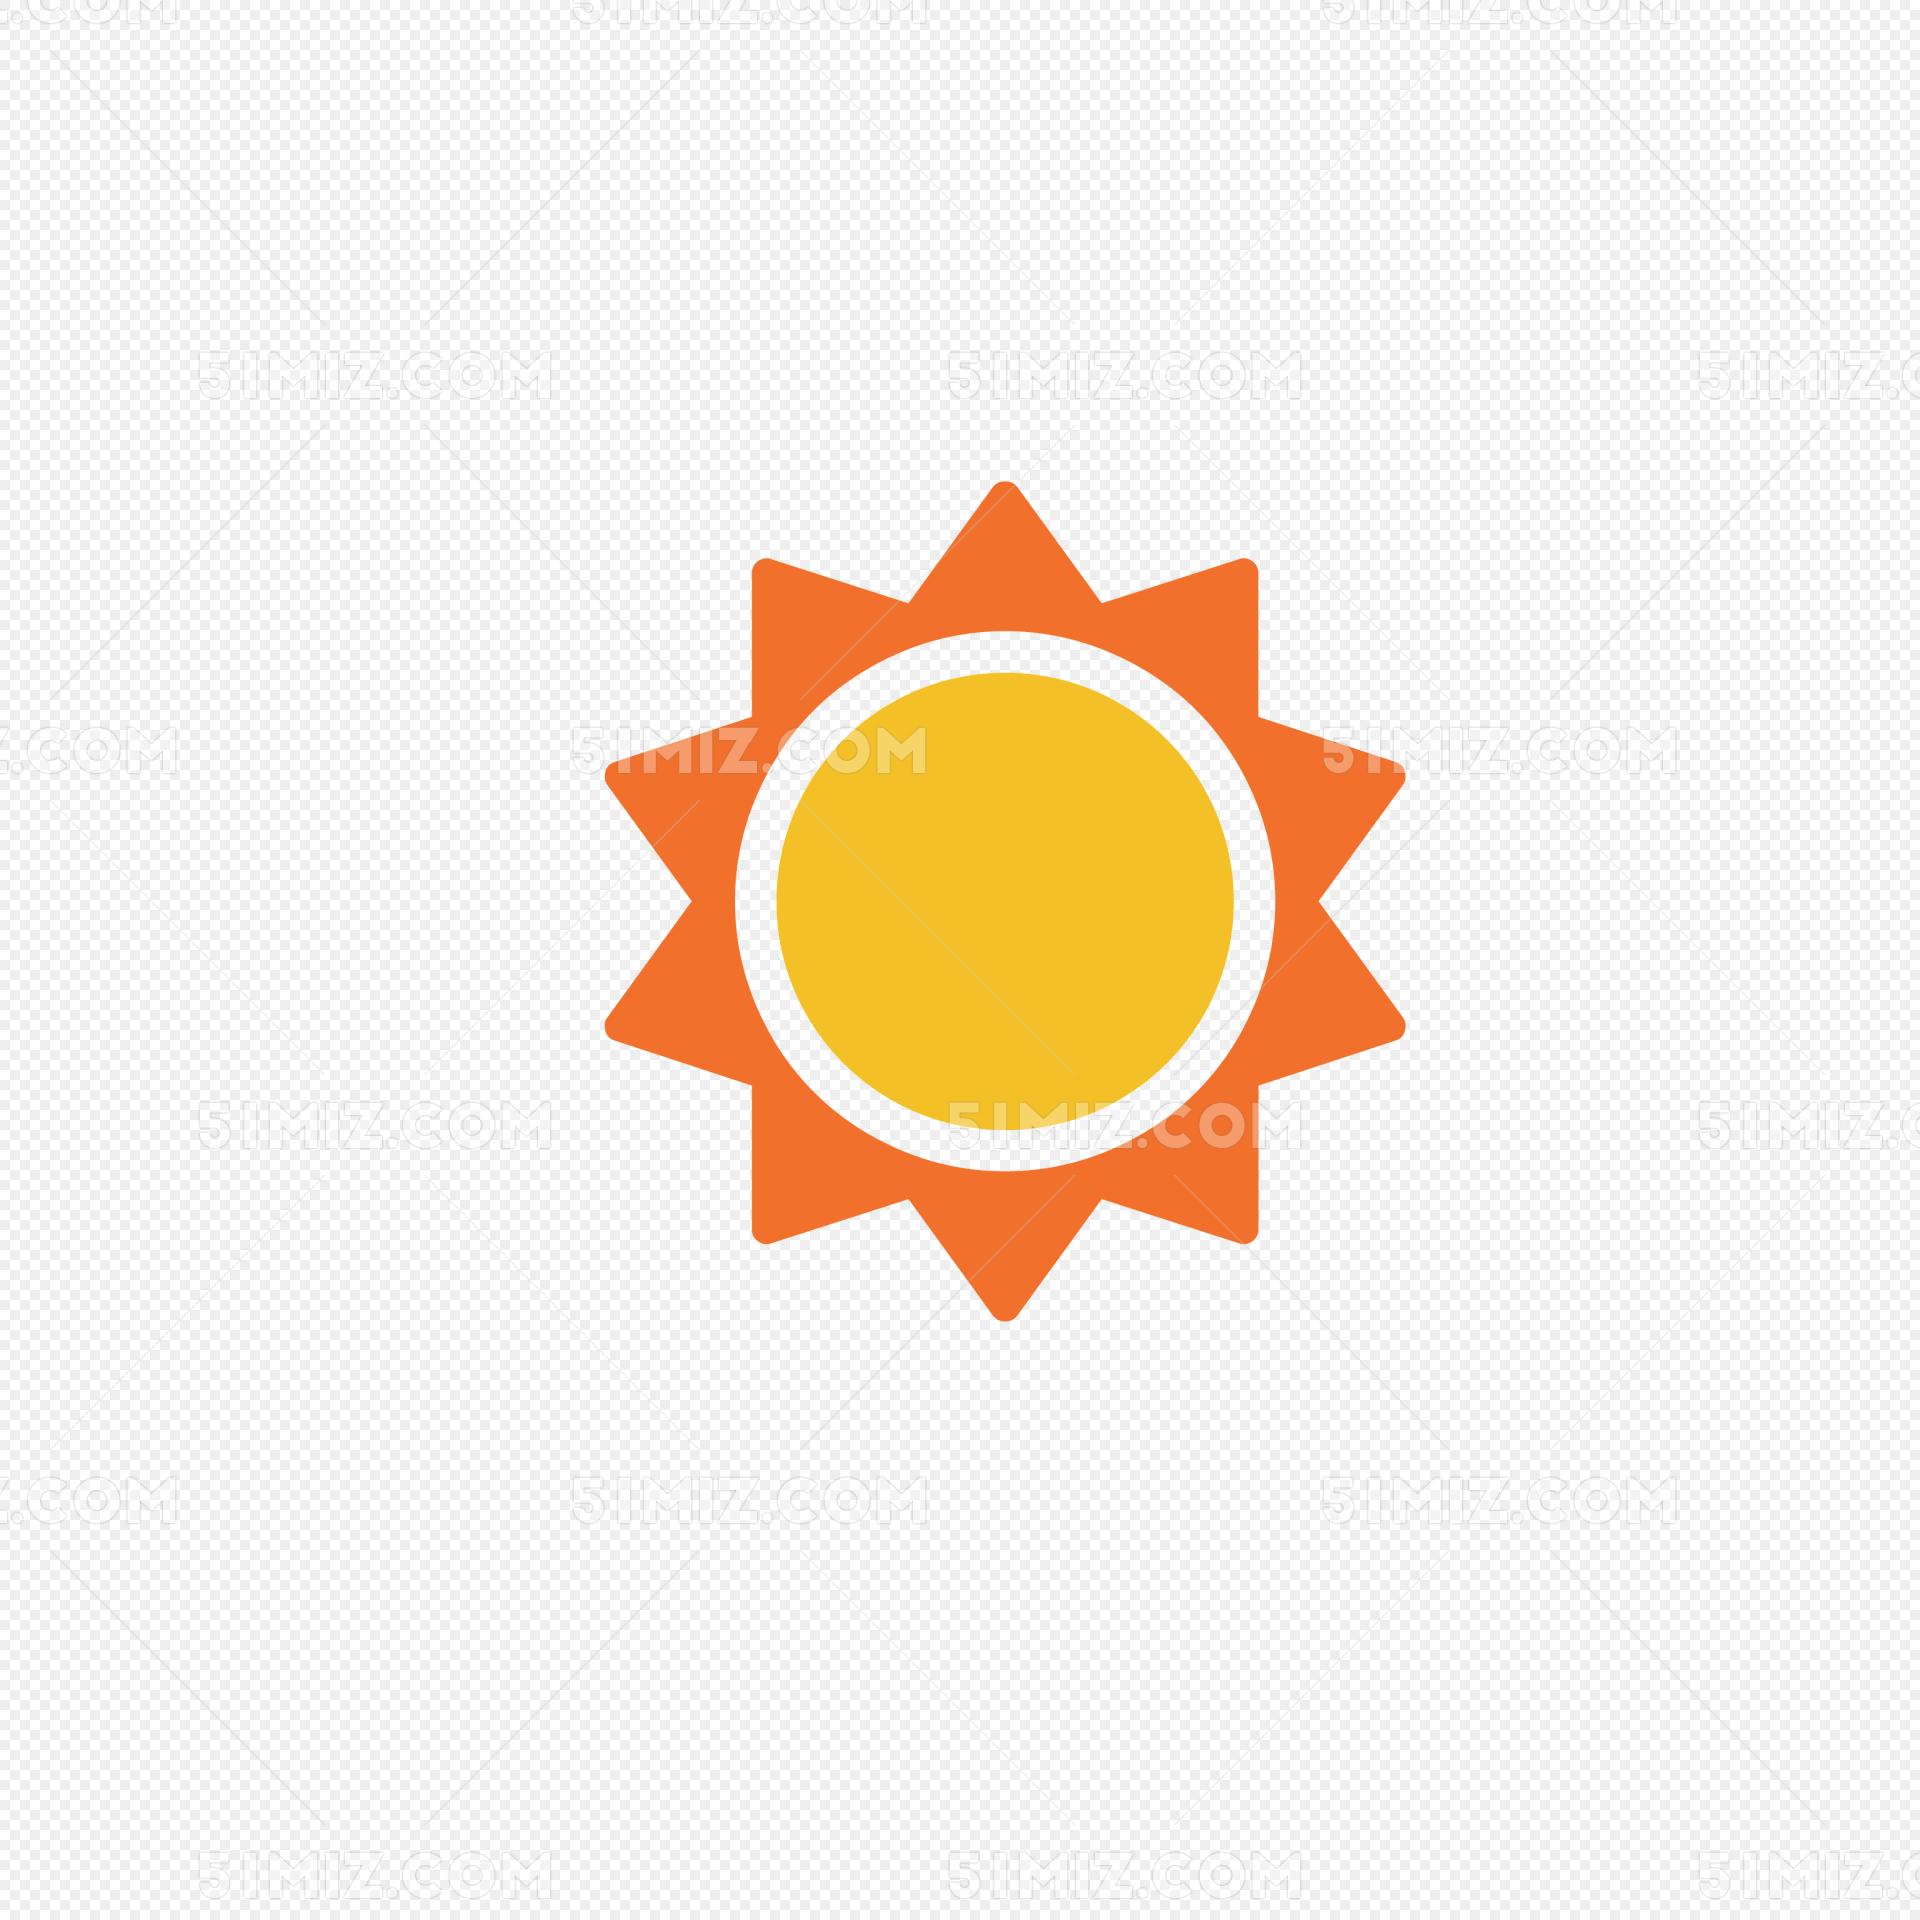 矢量彩色卡通小太阳发光矢量小太阳彩色小太阳标签: 矢量彩色卡通小图片